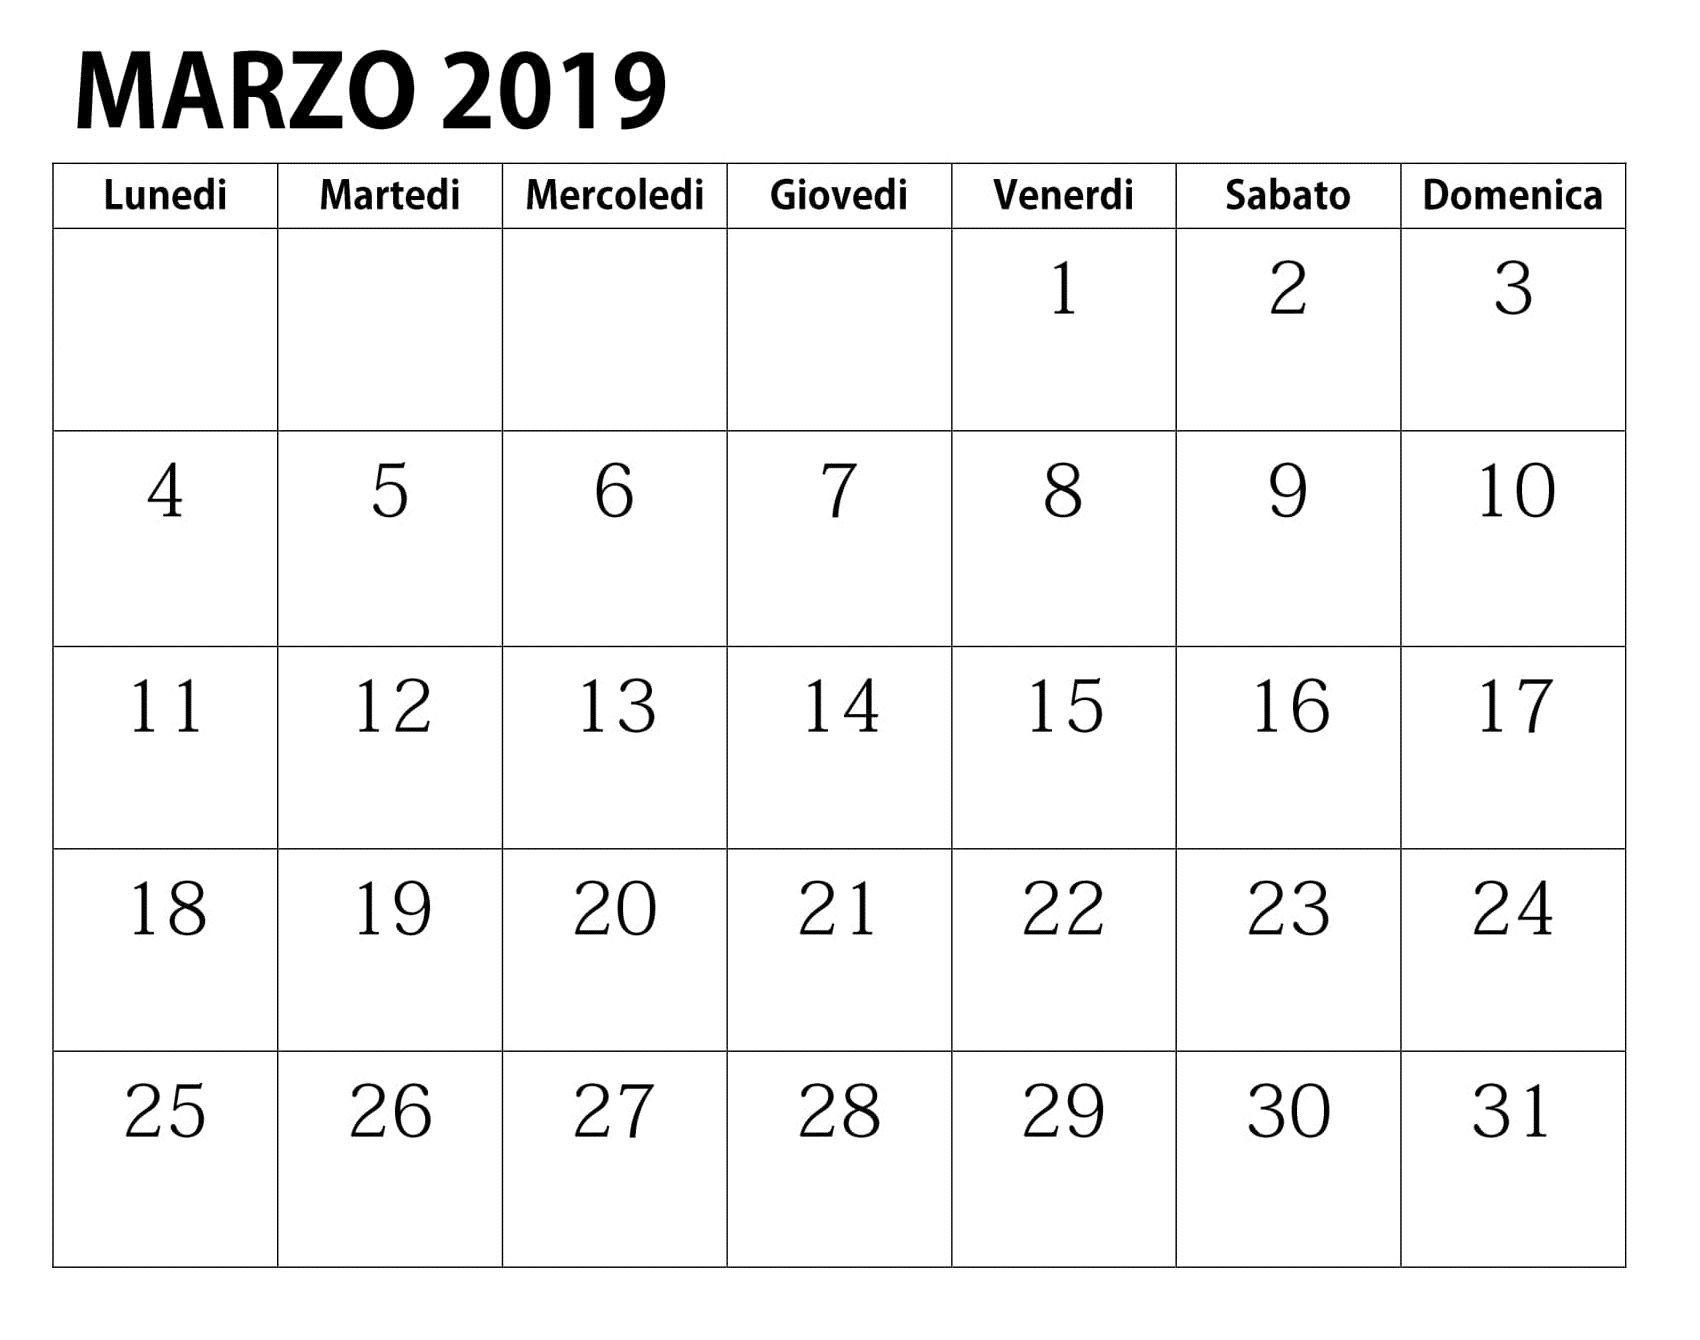 Calendario Com Feriados Nacionais Em 2019 Mejores Y Más Novedosos Maro Calendrio 2019 Feriados sosyal 2019 Calendar